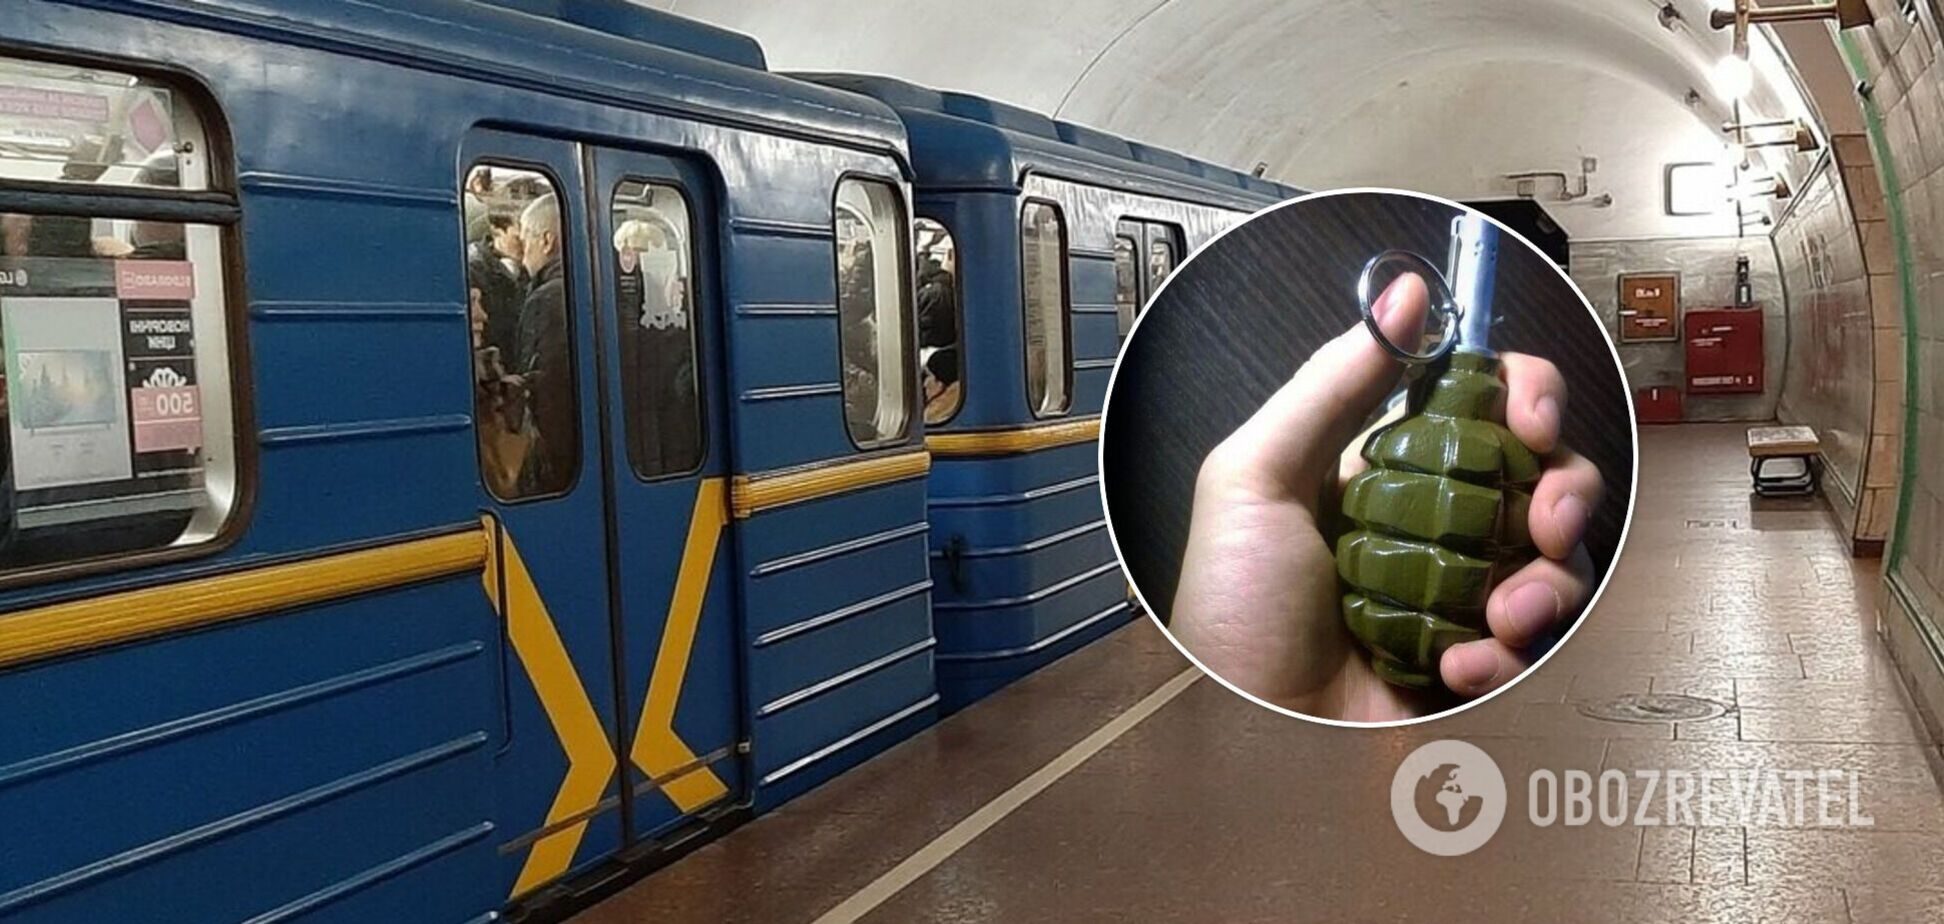 У метро Києва затримали чоловіків із гранатами. Фото